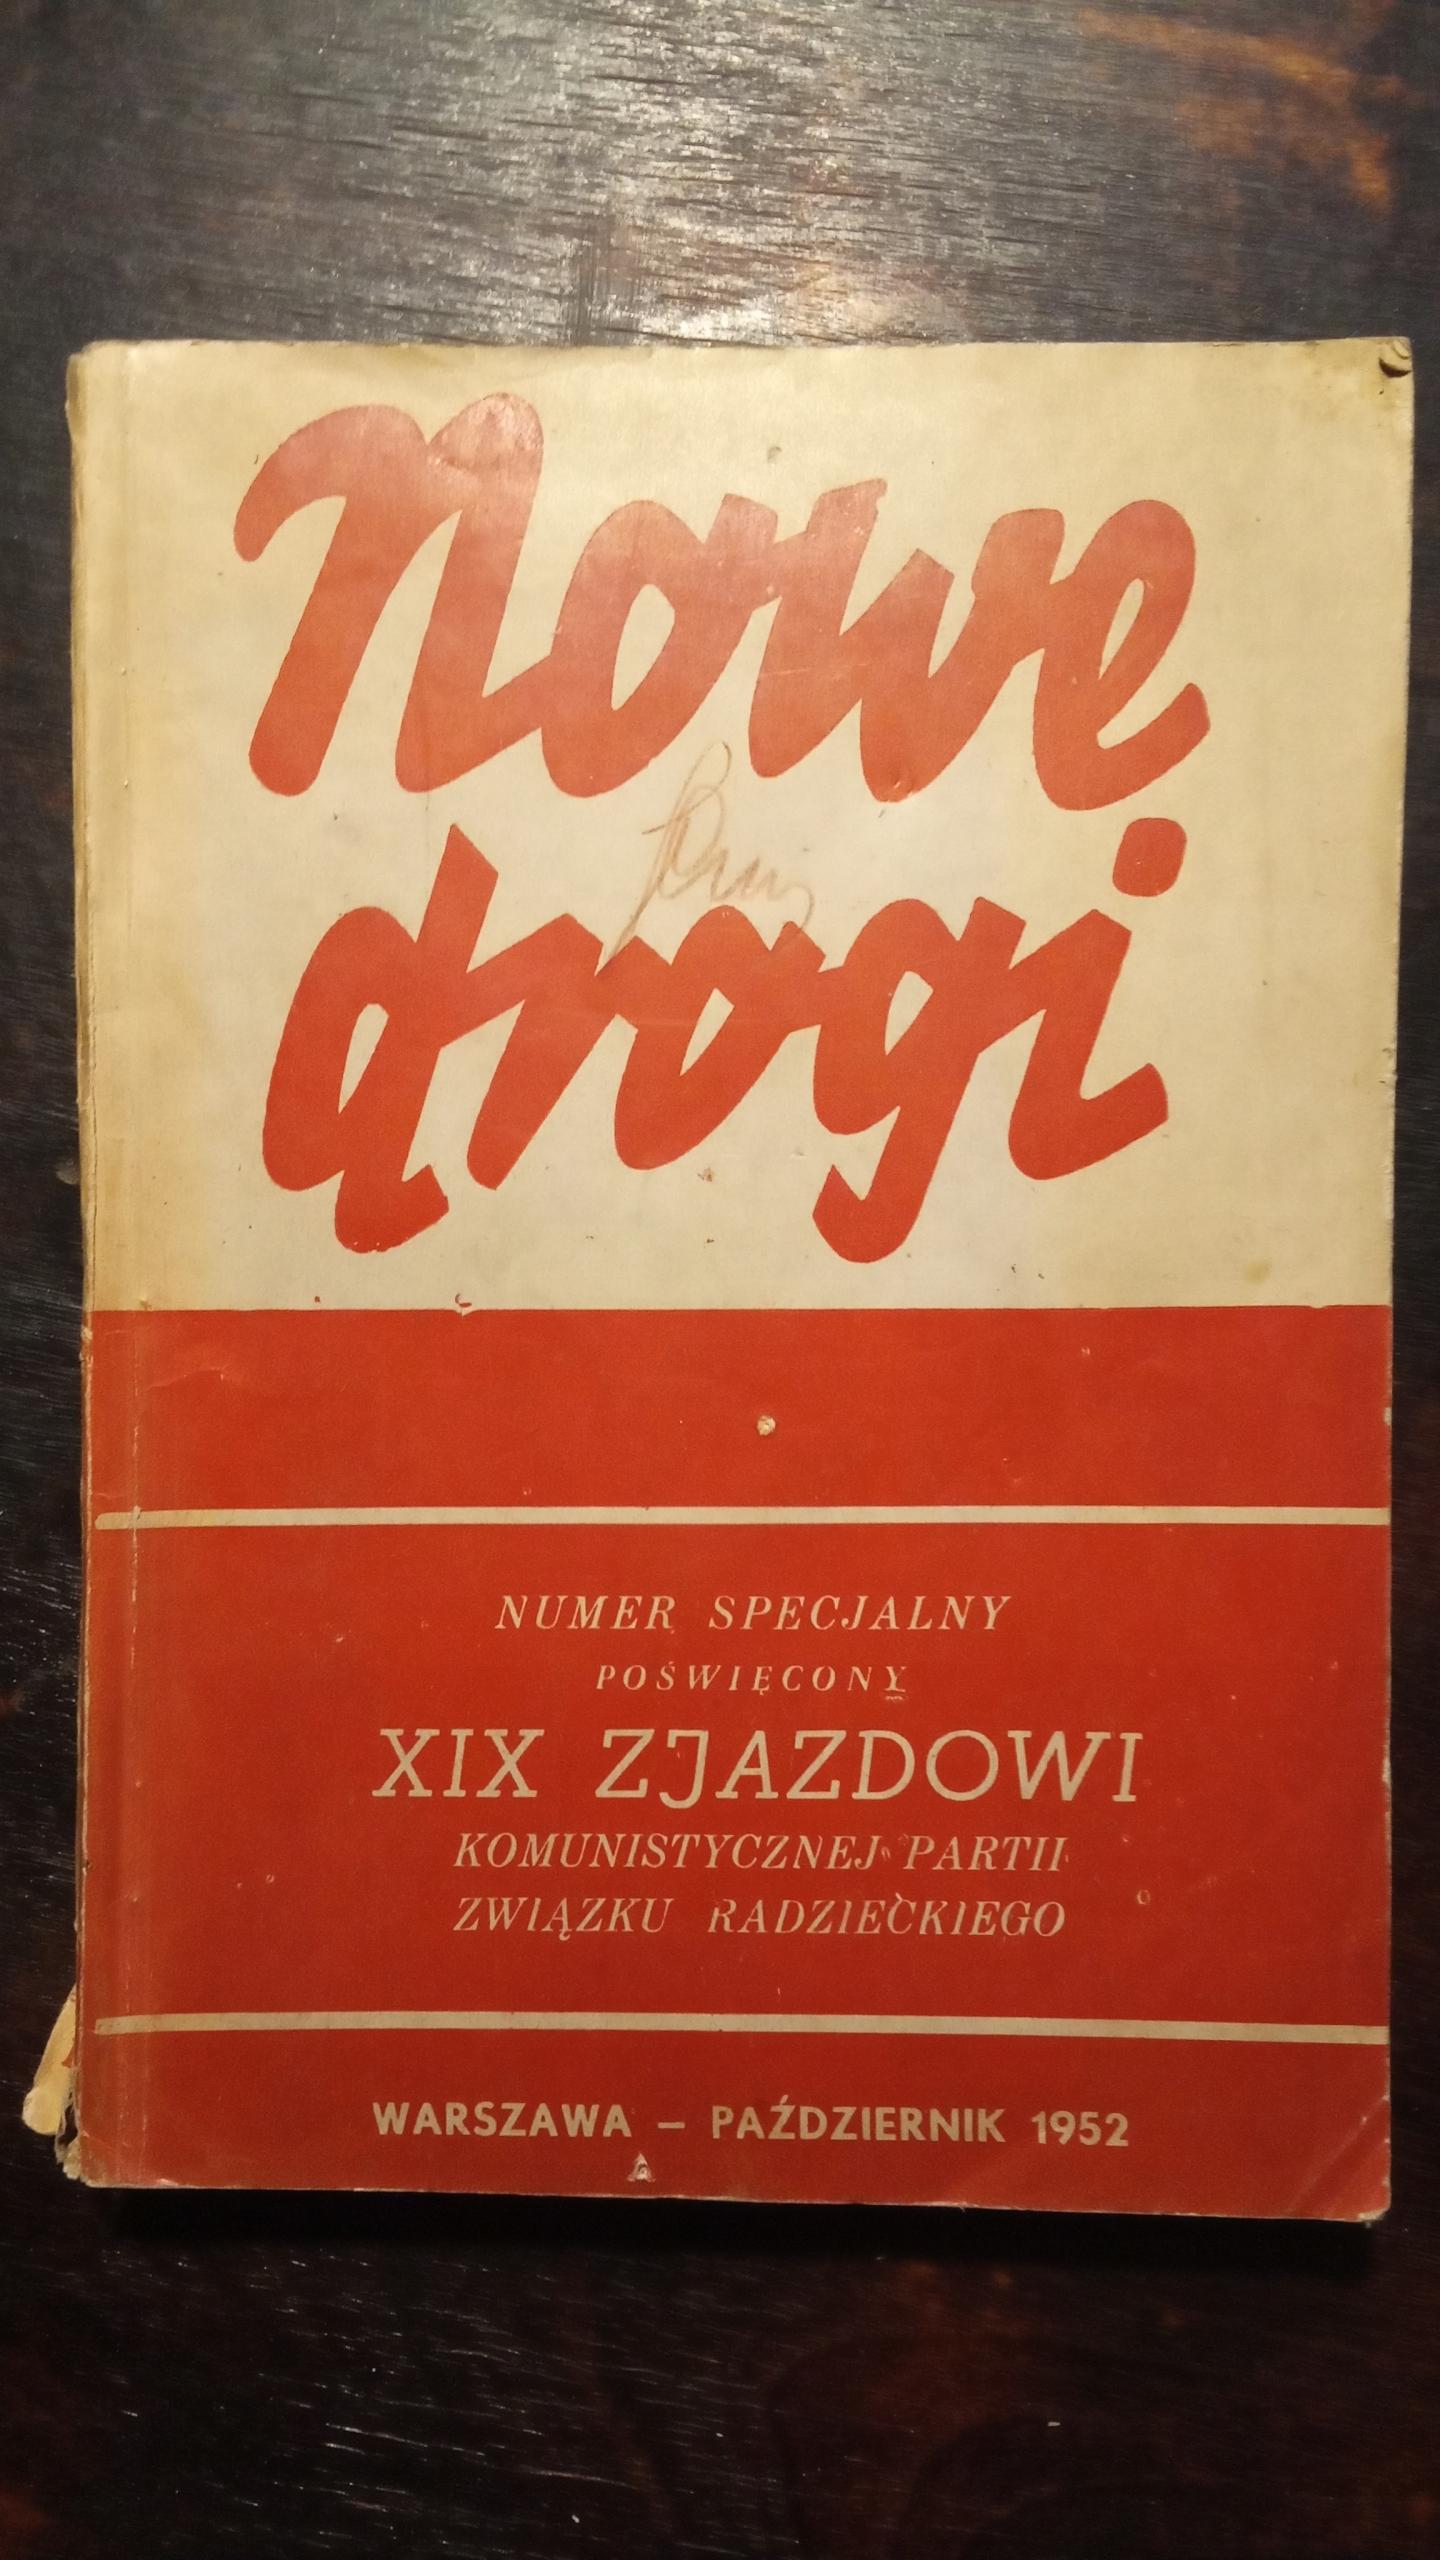 Miesięcznik Nowe Drogi XIX zjazd PZPR 1952